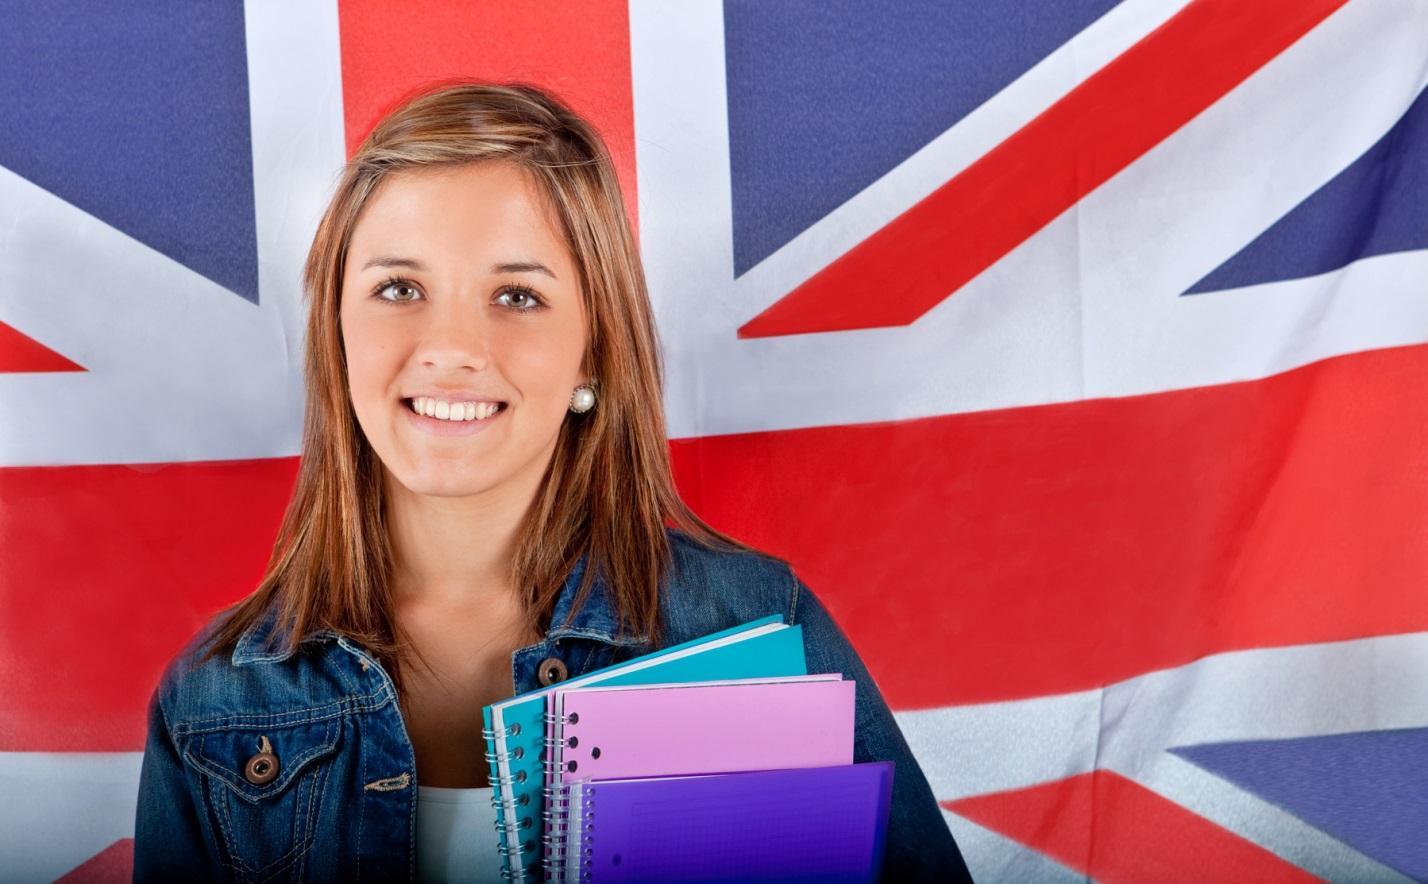 Как выбрать хорошие курсы английского языка - Образование - bigmir)net